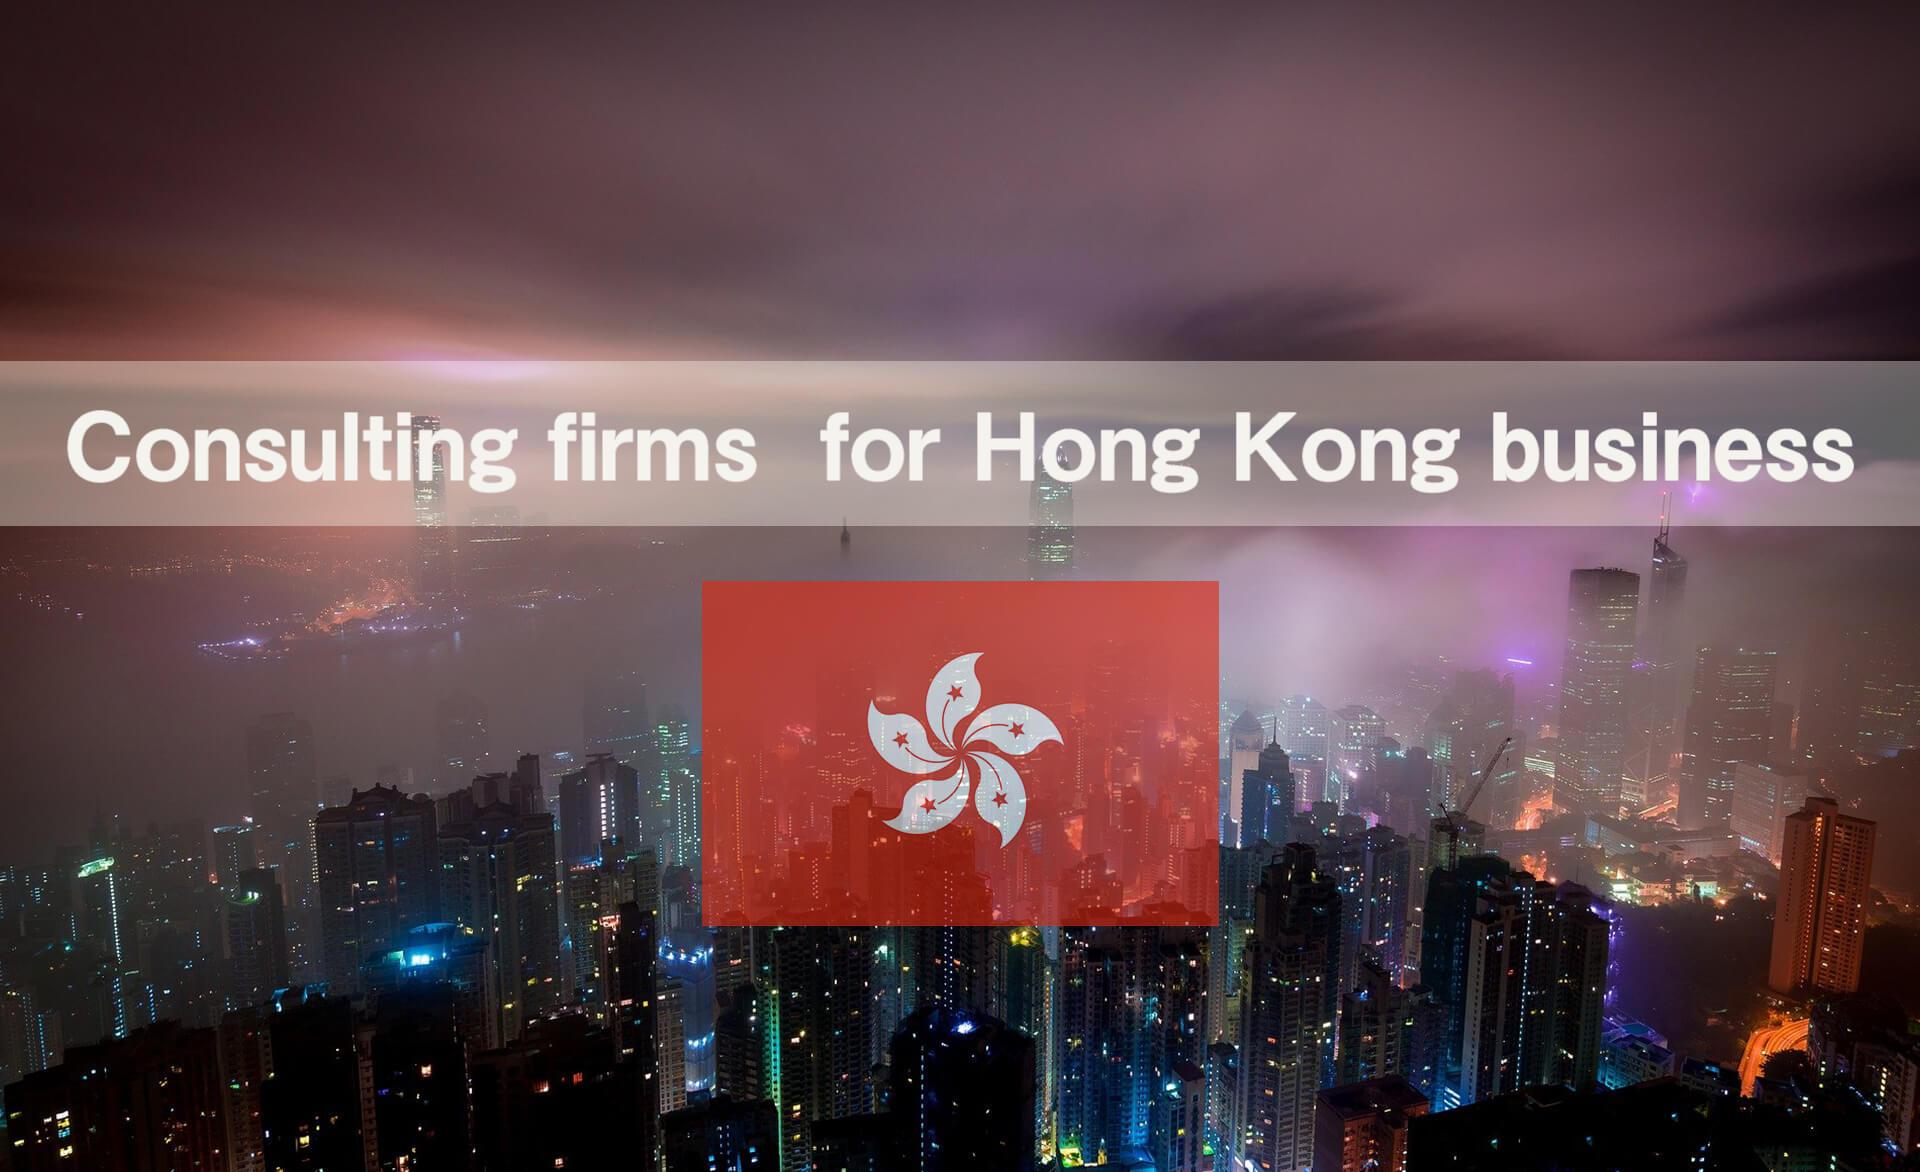 あなたの香港進出をサポート! 香港ビジネスコンサルティング企業 まとめ